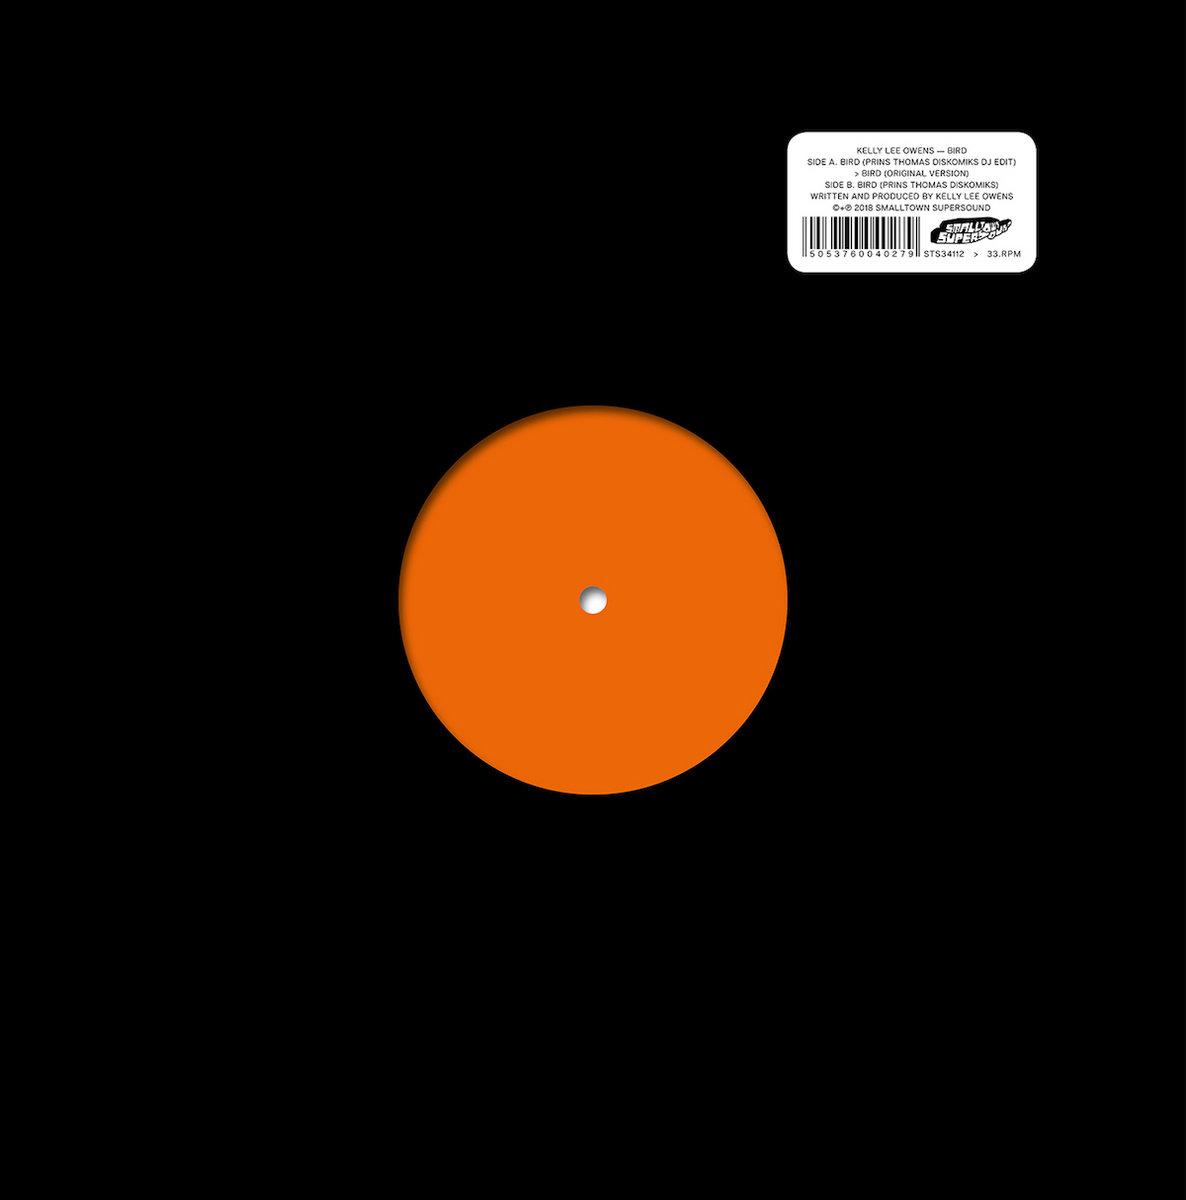 Paul simon – surprise (2006/2010) [hdtracks flac 24bit/44,1khz.